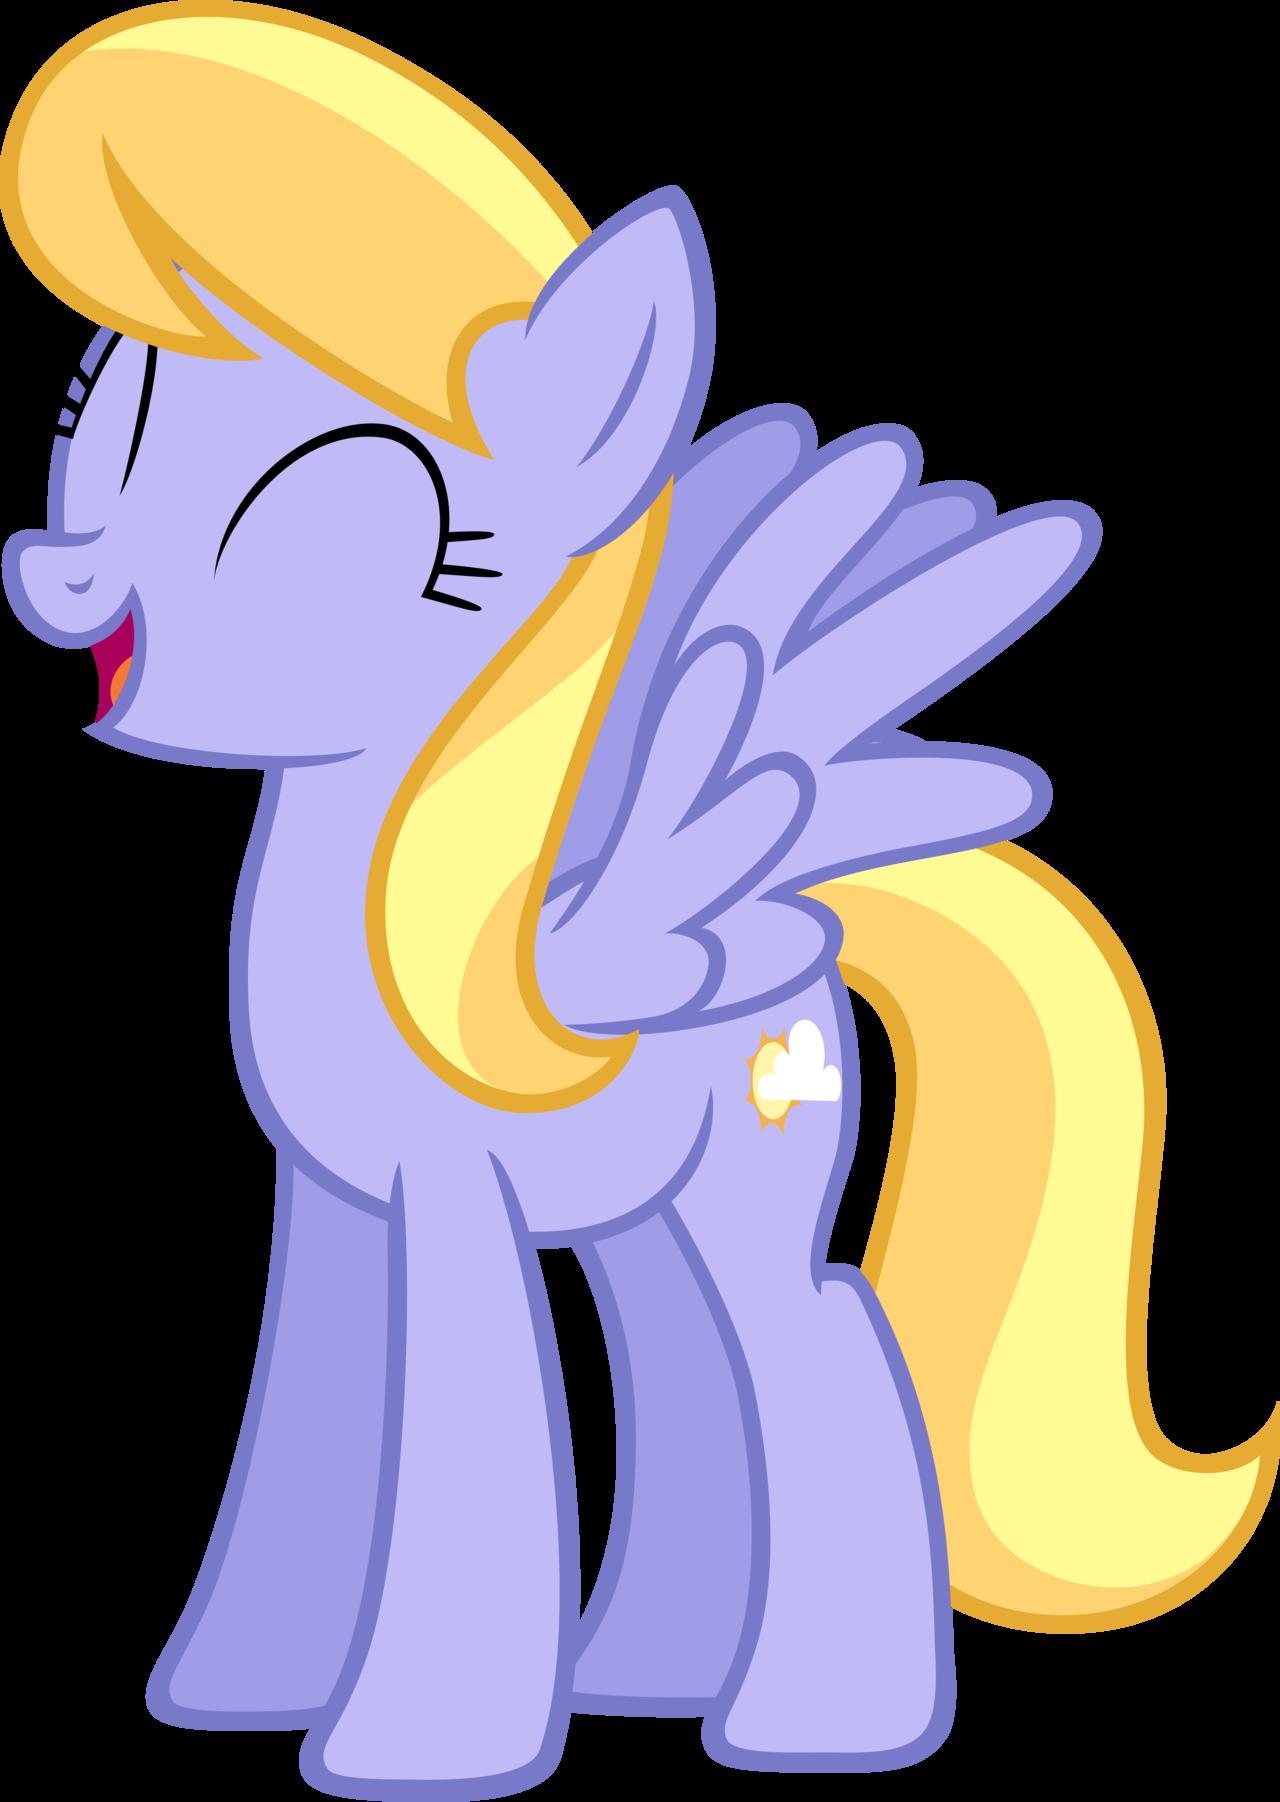 Gem clipart mlp fim. My little pony cloud